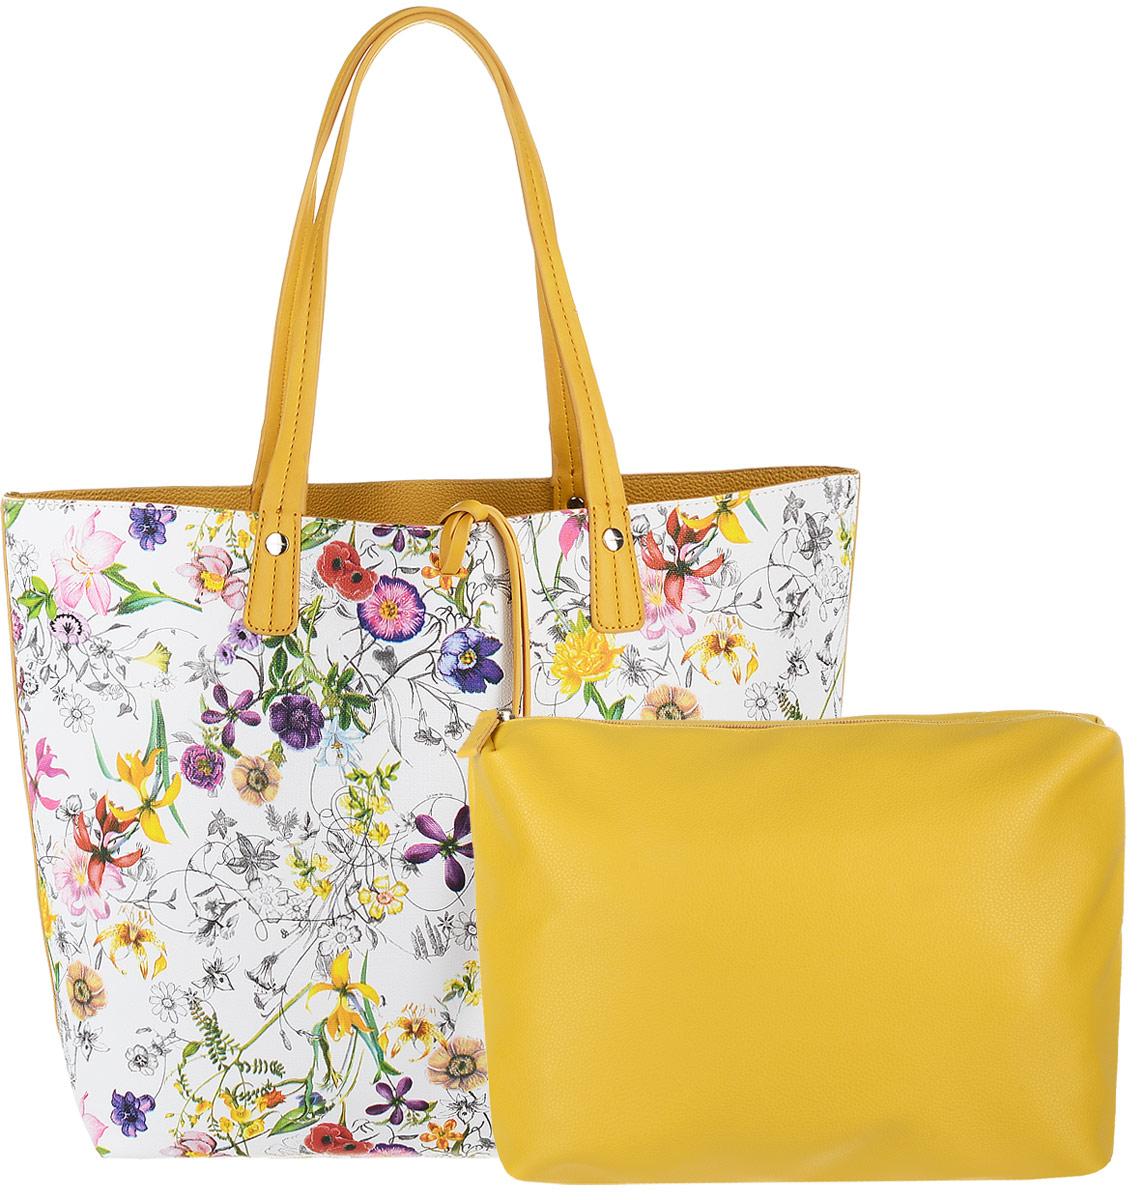 Сумка женская David Jones с косметичкой, цвет: белый, желтый. CM3318BM8434-58AEЖенская сумка David Jones выполнена из качественной экокожи. В комплекте: большая сумка с двумя ручками и косметичка. Большая сумка, оформленная ярким цветочным принтом содержит одно вместительное отделение и не имеет застежек. Лицевая часть декорирована шнурком-подвеской из экокожи. Сумка не содержит дополнительных карманов. Внутренняя сторона выполнена из однотонной экокожи.Косметичка содержит одно отделение и застегивается на молнию. Внутри отделения - один открытый накладной карман и один врезной. Косметичка легко помещается в большую сумку.